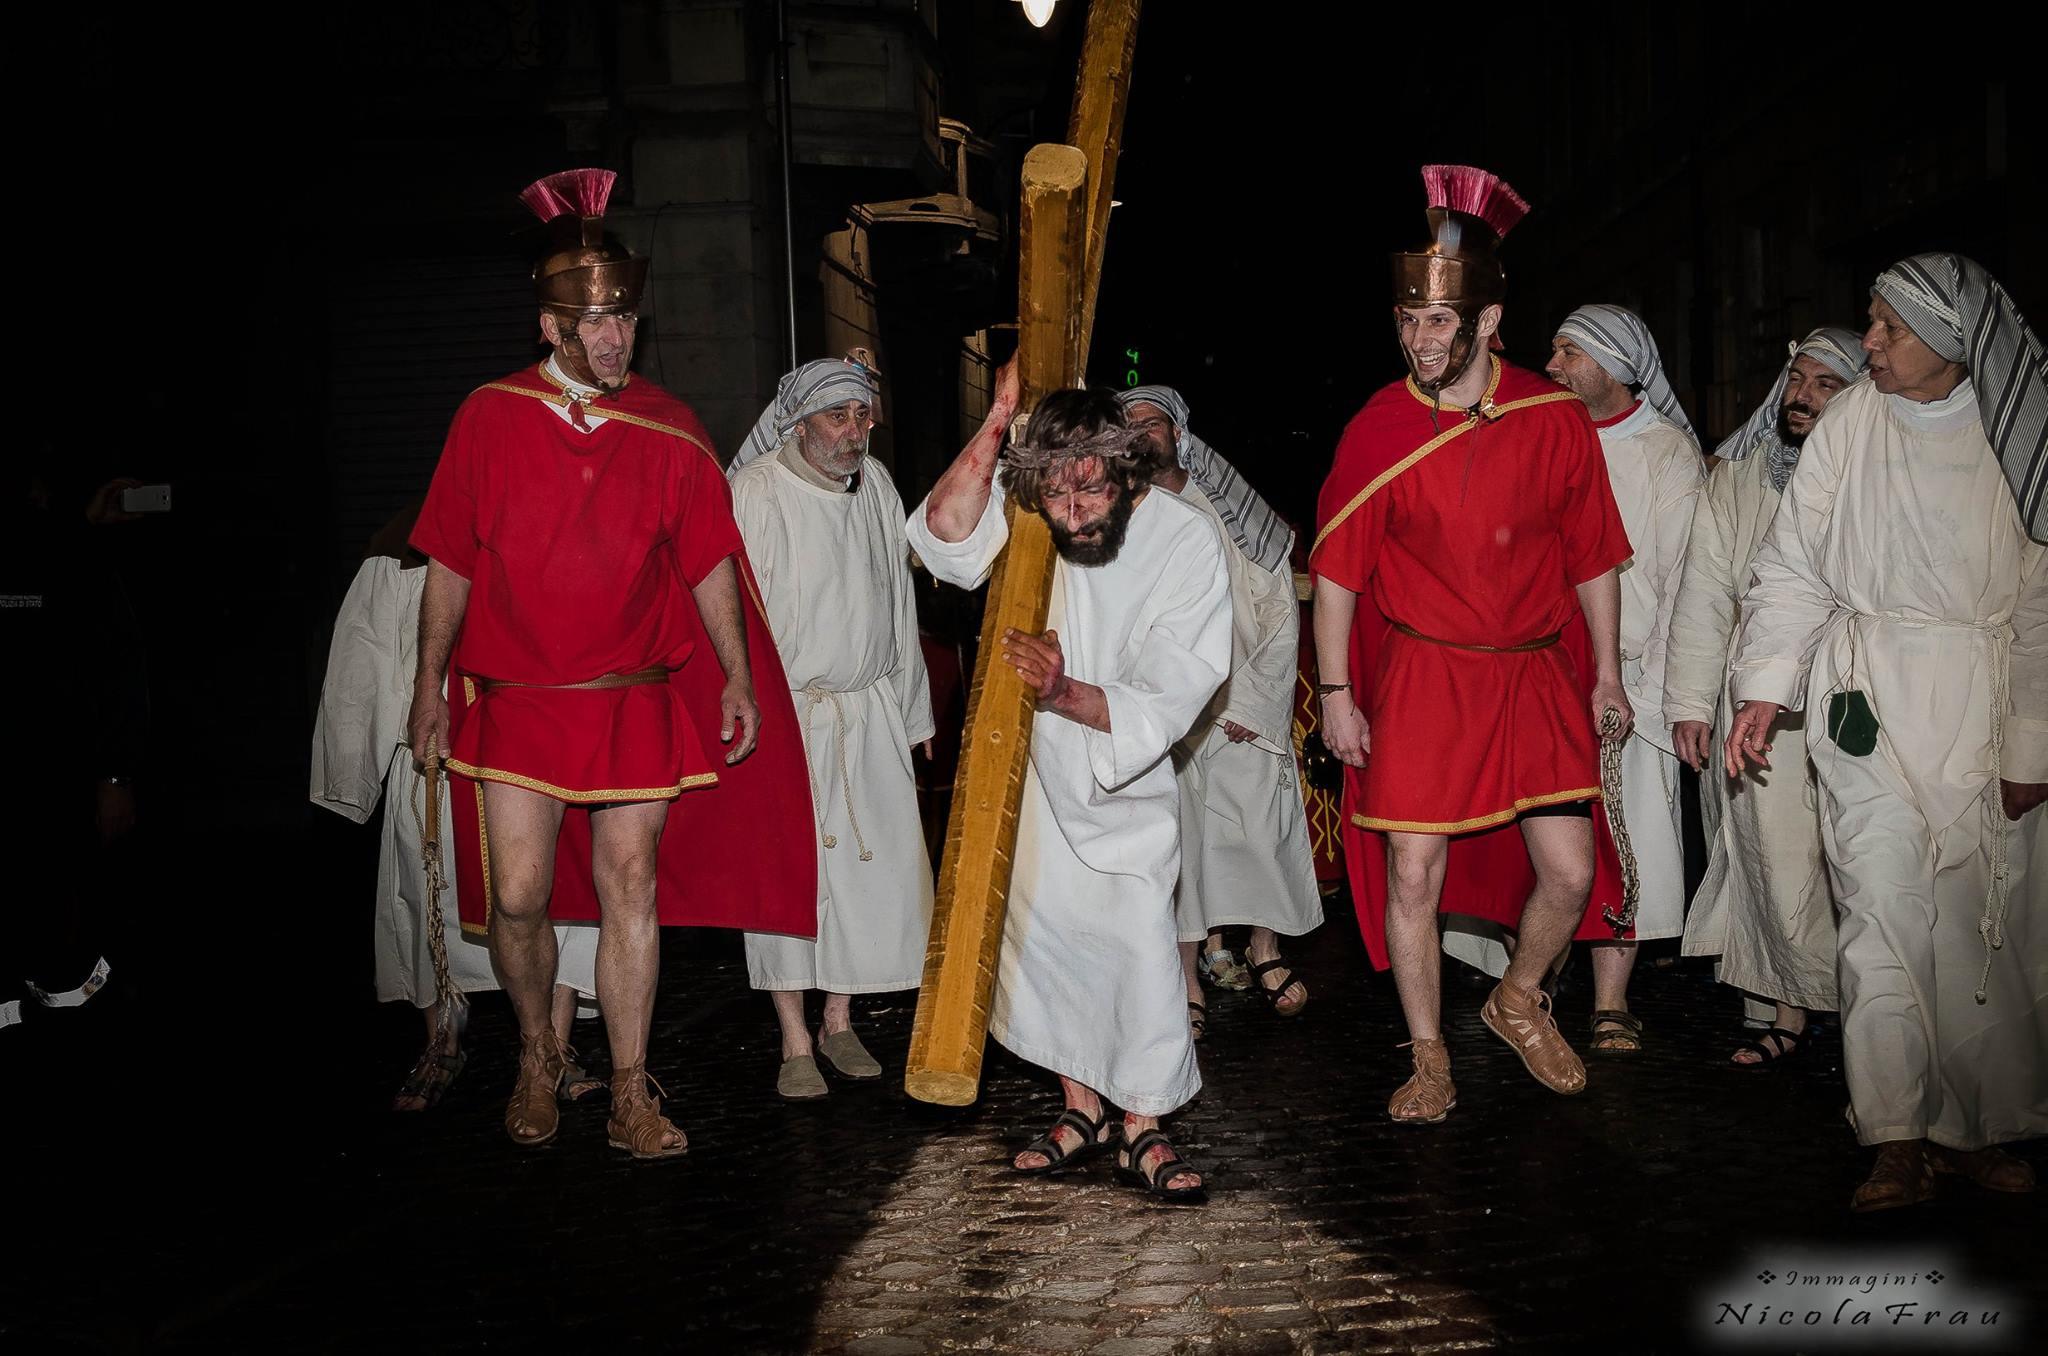 Passione di Cristo Ivrea 2017 - UNESCO - Nicola Frau (Via Crucis Ivrea)